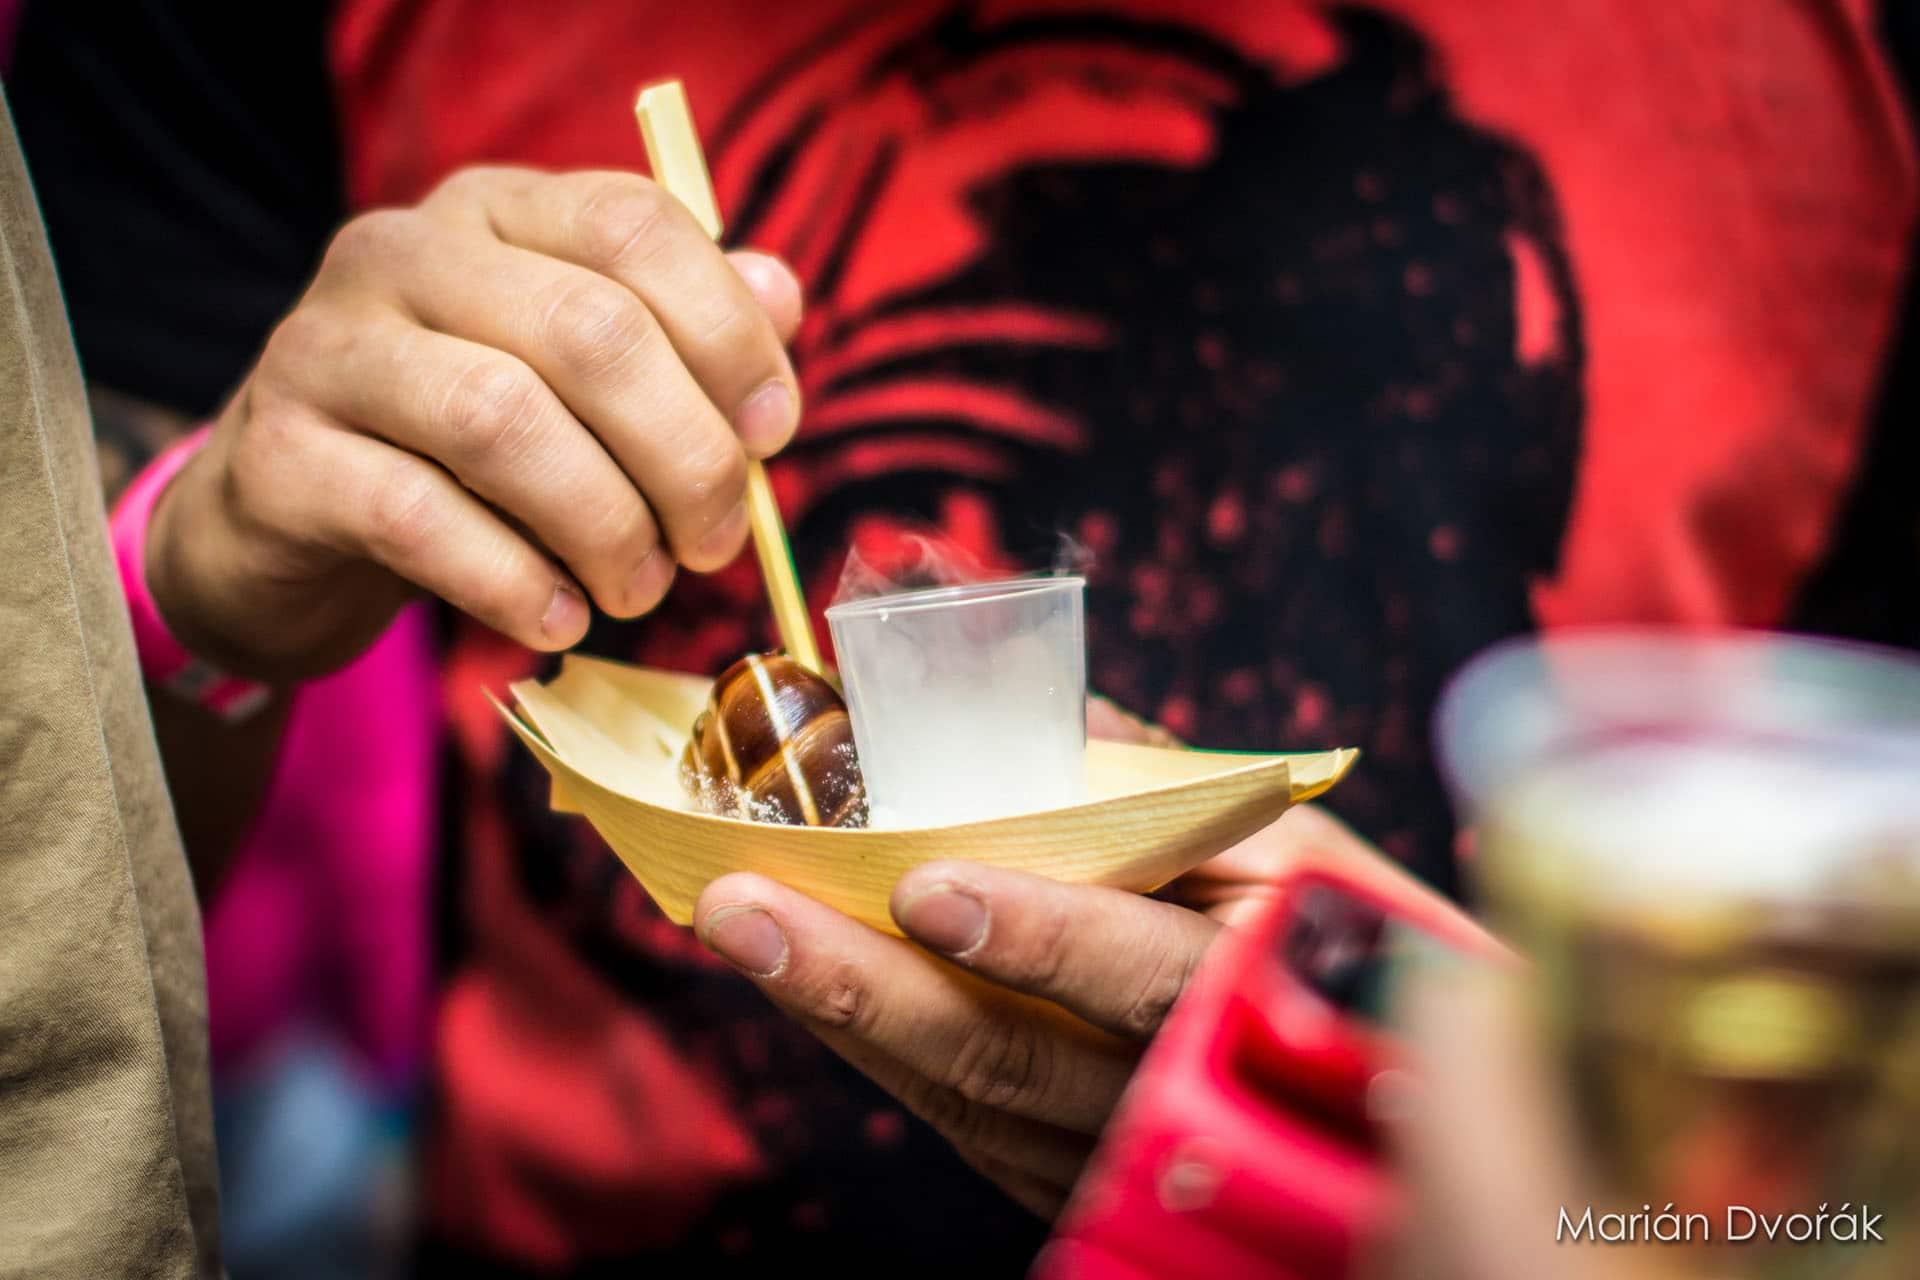 Jičínský Food Festival 2015